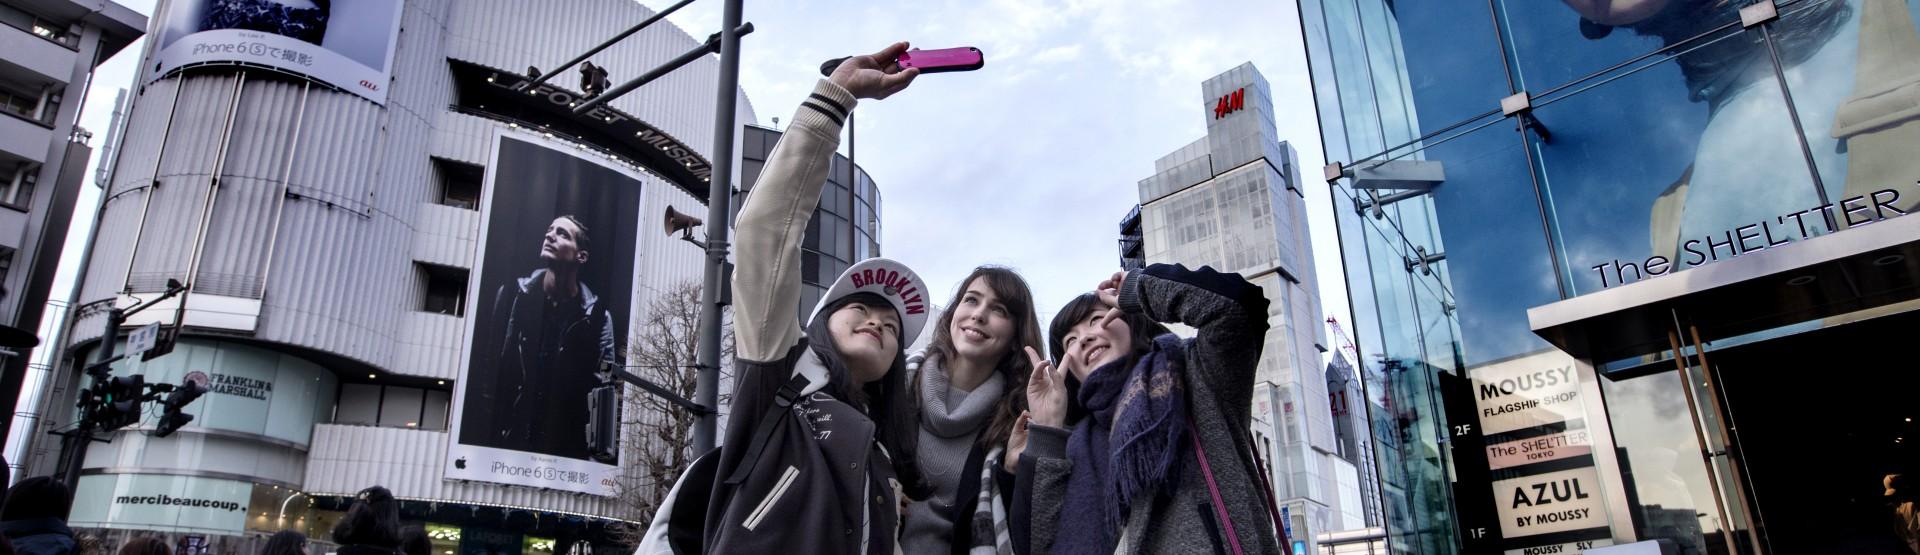 Tokyo Stefanie Joosten and fans